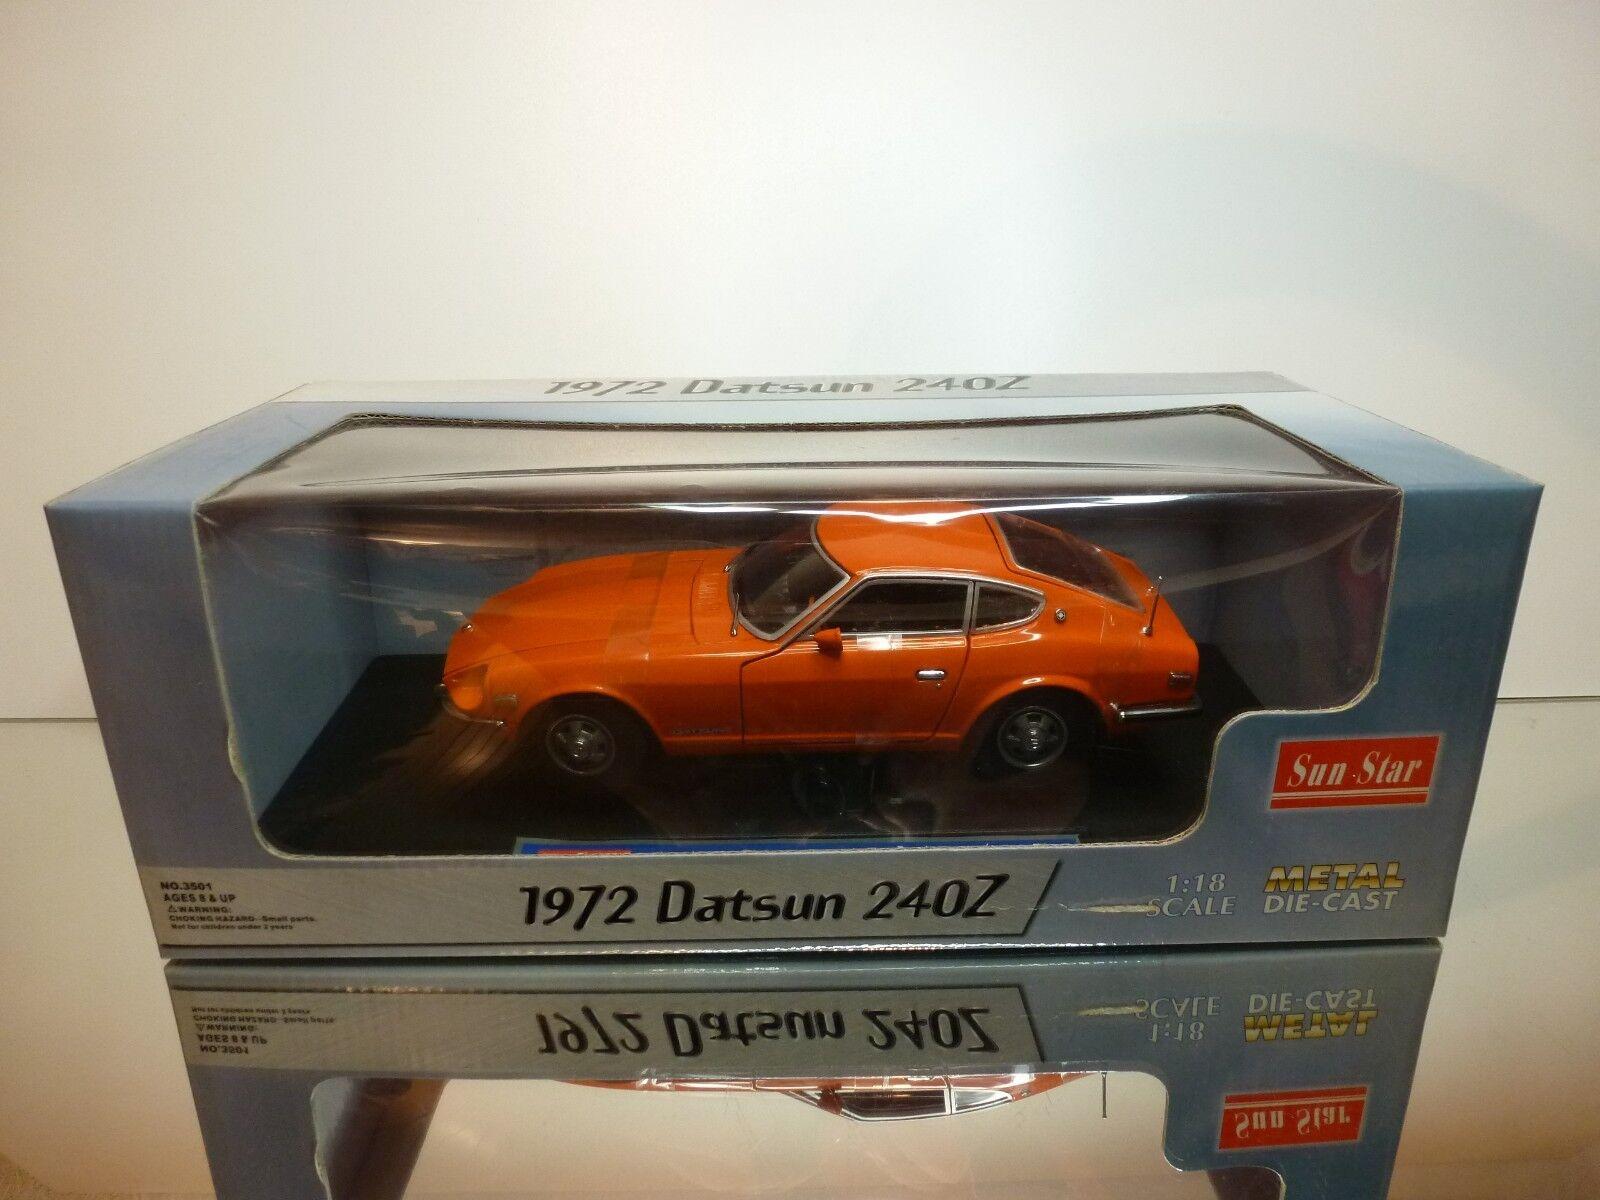 SUNSTAR 3501 DATSUN 240Z 1972 - arancia 1 18 - EXCELLENT IN BOX